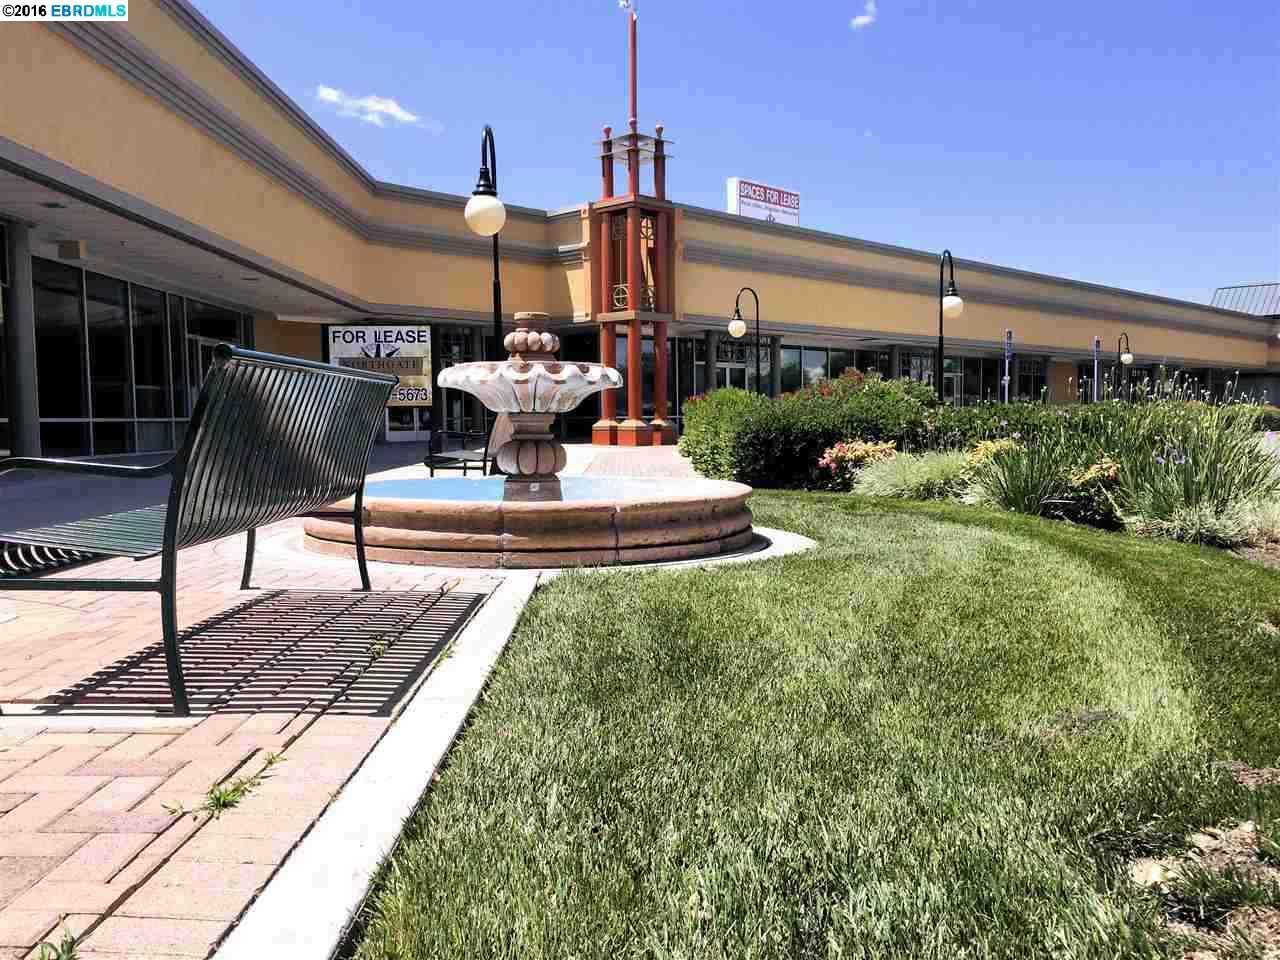 一戸建て のために 賃貸 アット 1005 E Pescadero suite 155-157 1005 E Pescadero suite 155-157 Tracy, カリフォルニア 95304 アメリカ合衆国